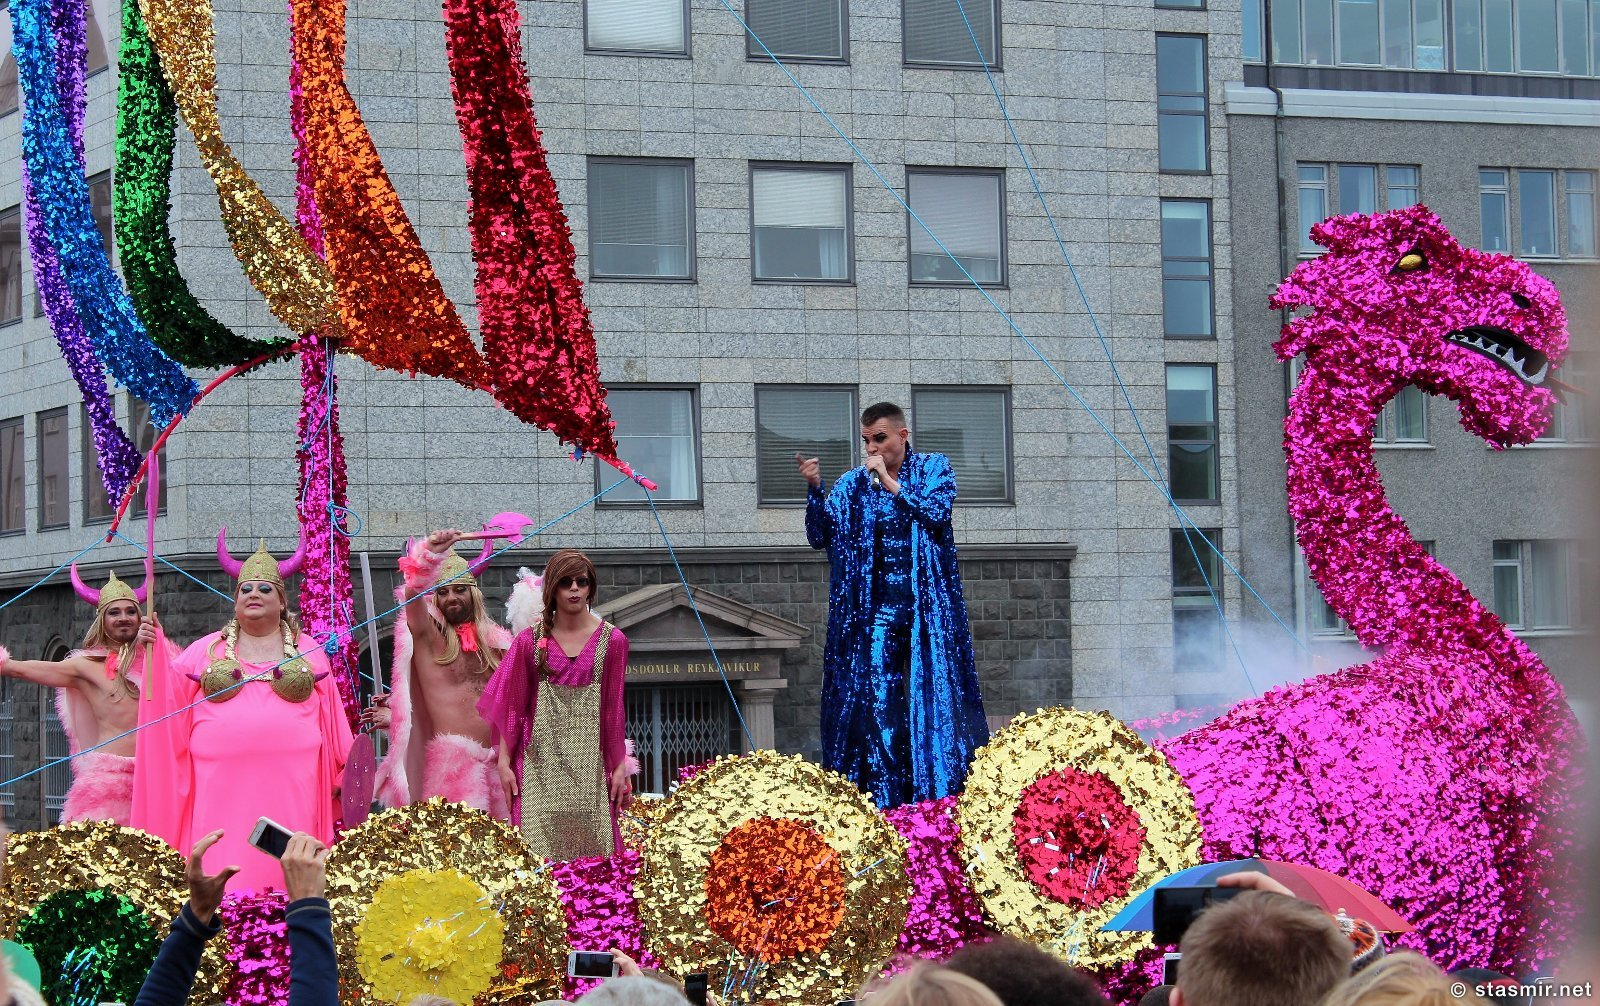 Гей-прайд 2015, Рейкьявик, ладья, викинг, конунг, равноправие, поп-музыка в Исландии, Рейкьявик, Пауль Оскар, викинги нетрадиционной ориентации, исландская попса, Photo Stasmir